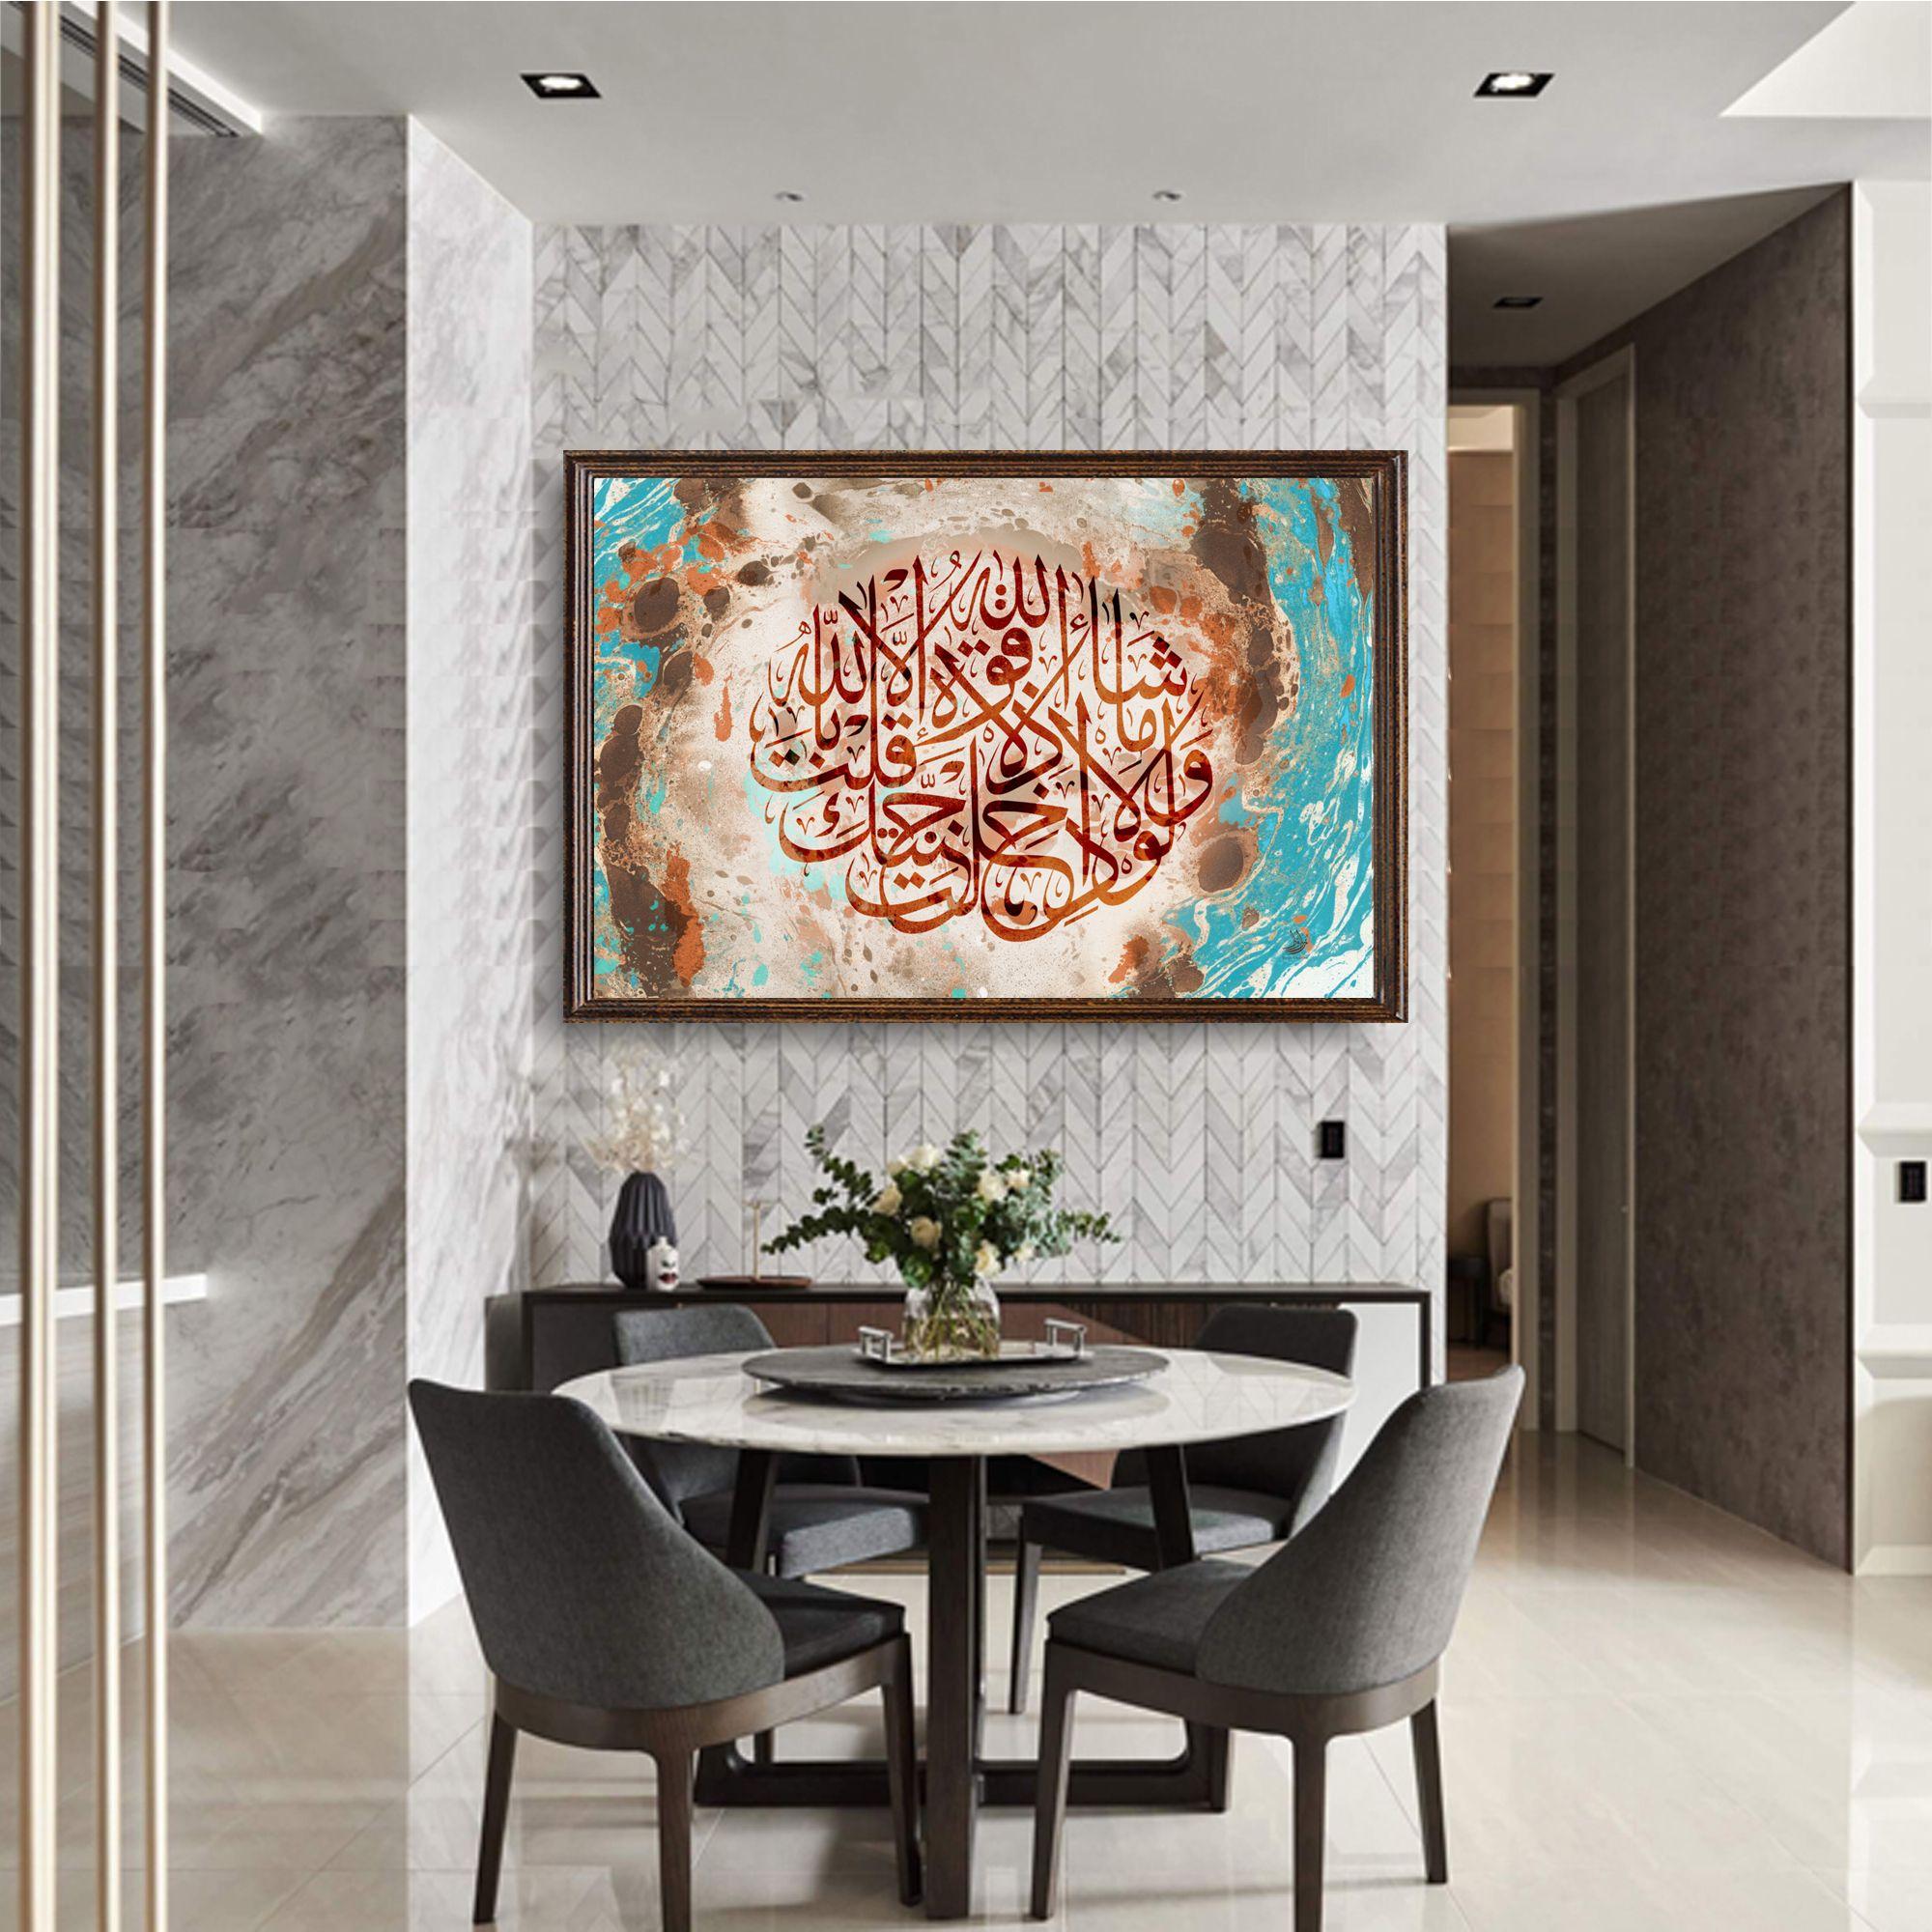 ولولا إذ دخلت جنتك ماشاء الله لا قوة إلا بالله قياس اللوحة 100 ب 70 سم لوحات مميزة بالخط العربي مطبوعة على أجود أنواع قماش الكانفاس Art Design Design Tapestry